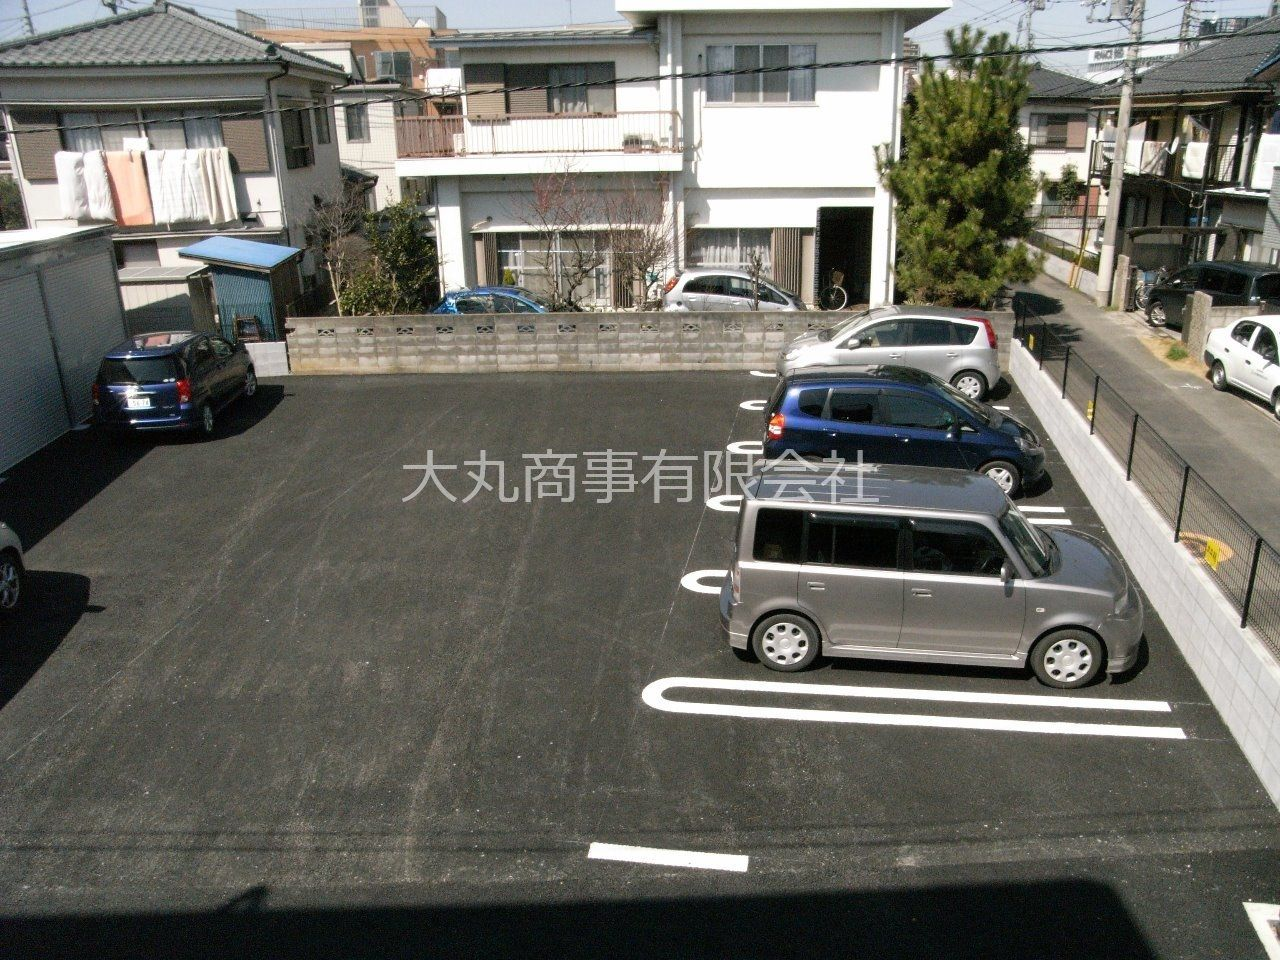 アスファルト舗装の敷地内駐車場